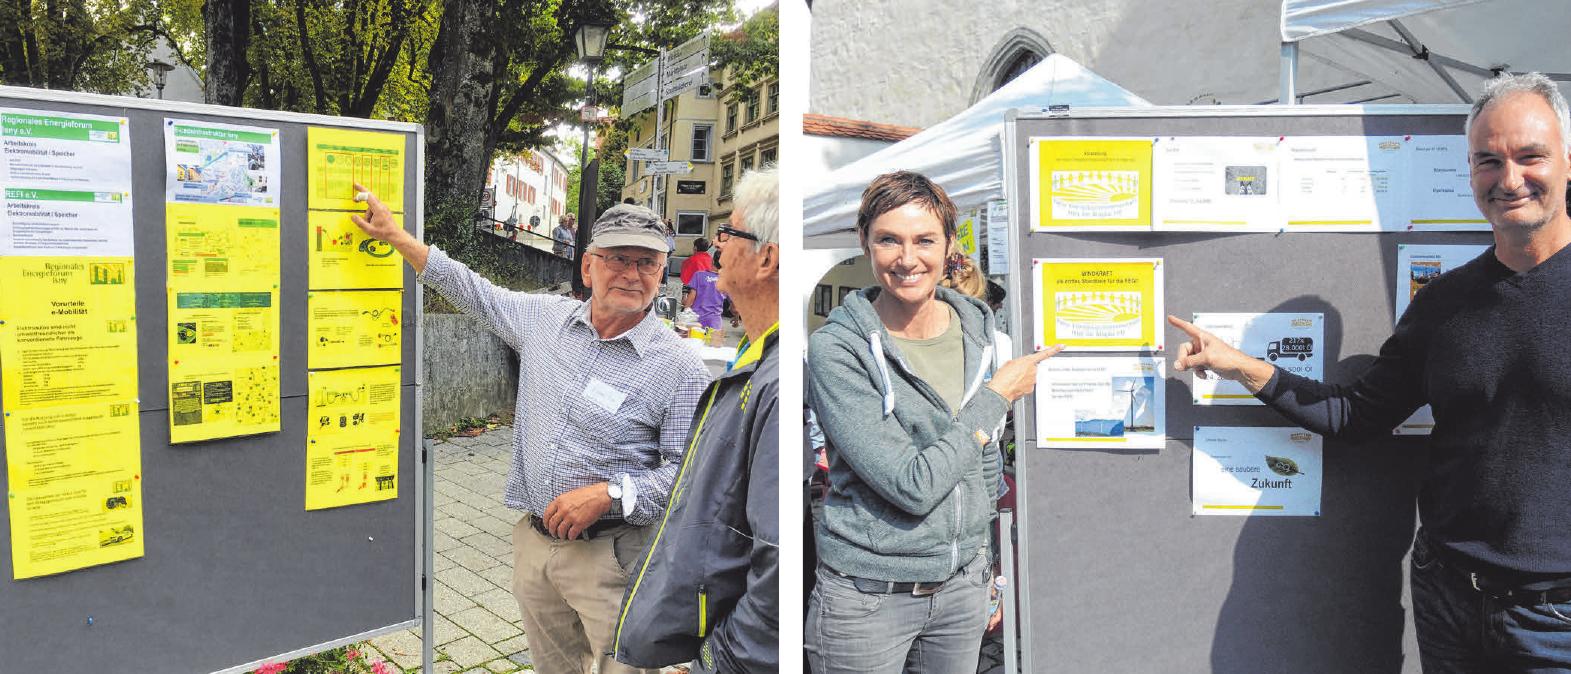 Wissenswertes rund um erneuerbare Energien und Klimaschutz FOTOS: IMG/RAU